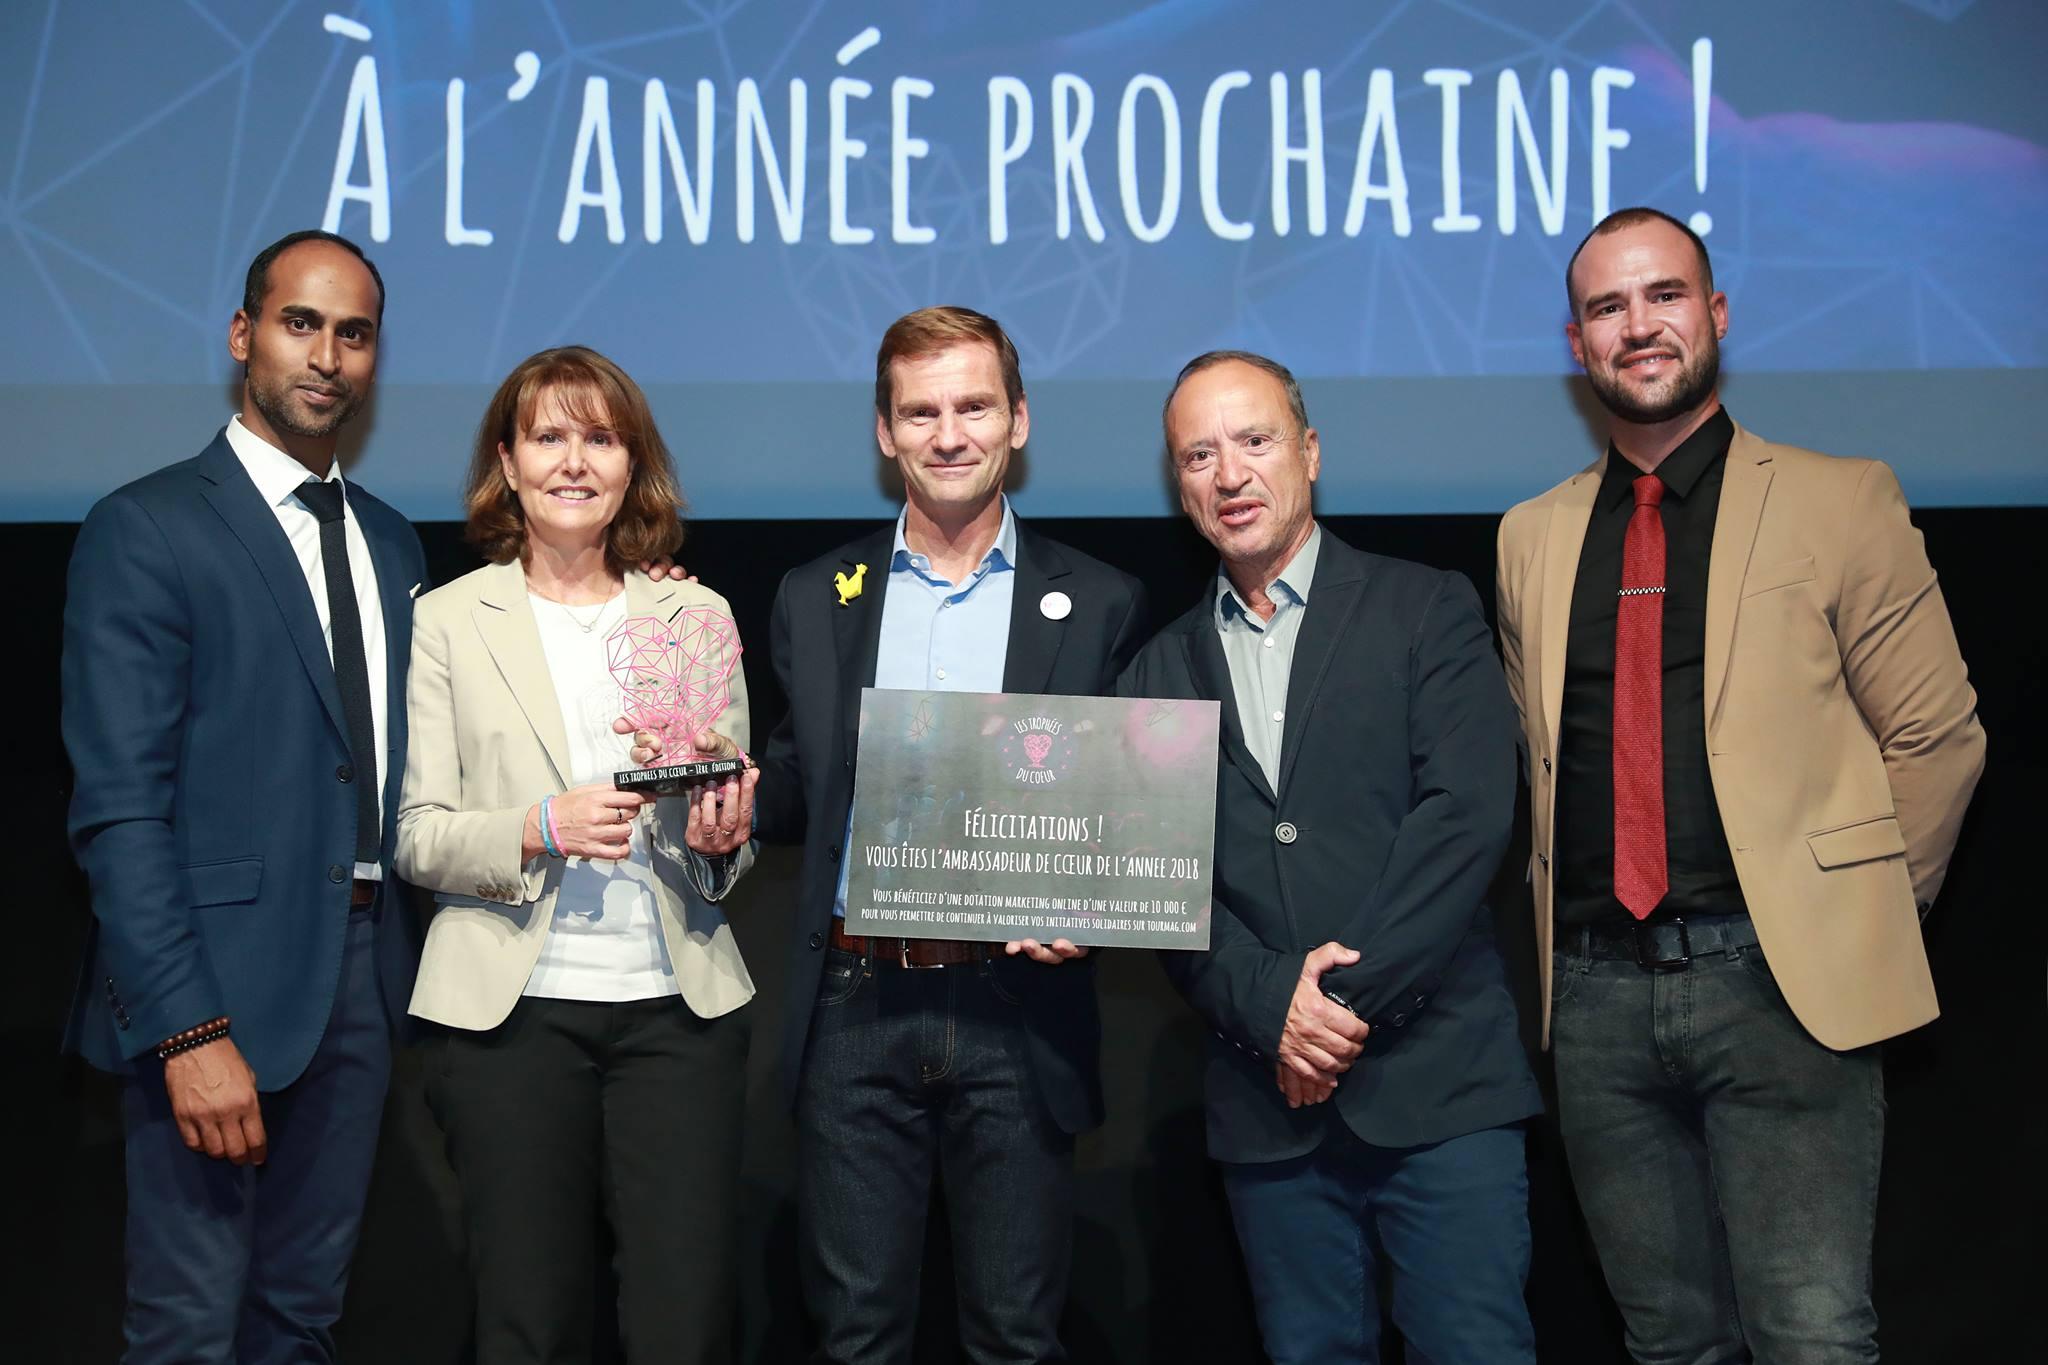 Patricia Blanc présidente d'Imagine For Margo et Nicolas Brumelot fondateur de Misterfly entourés par Francis Rosalès, Jean et Fabien Da Luz - DR